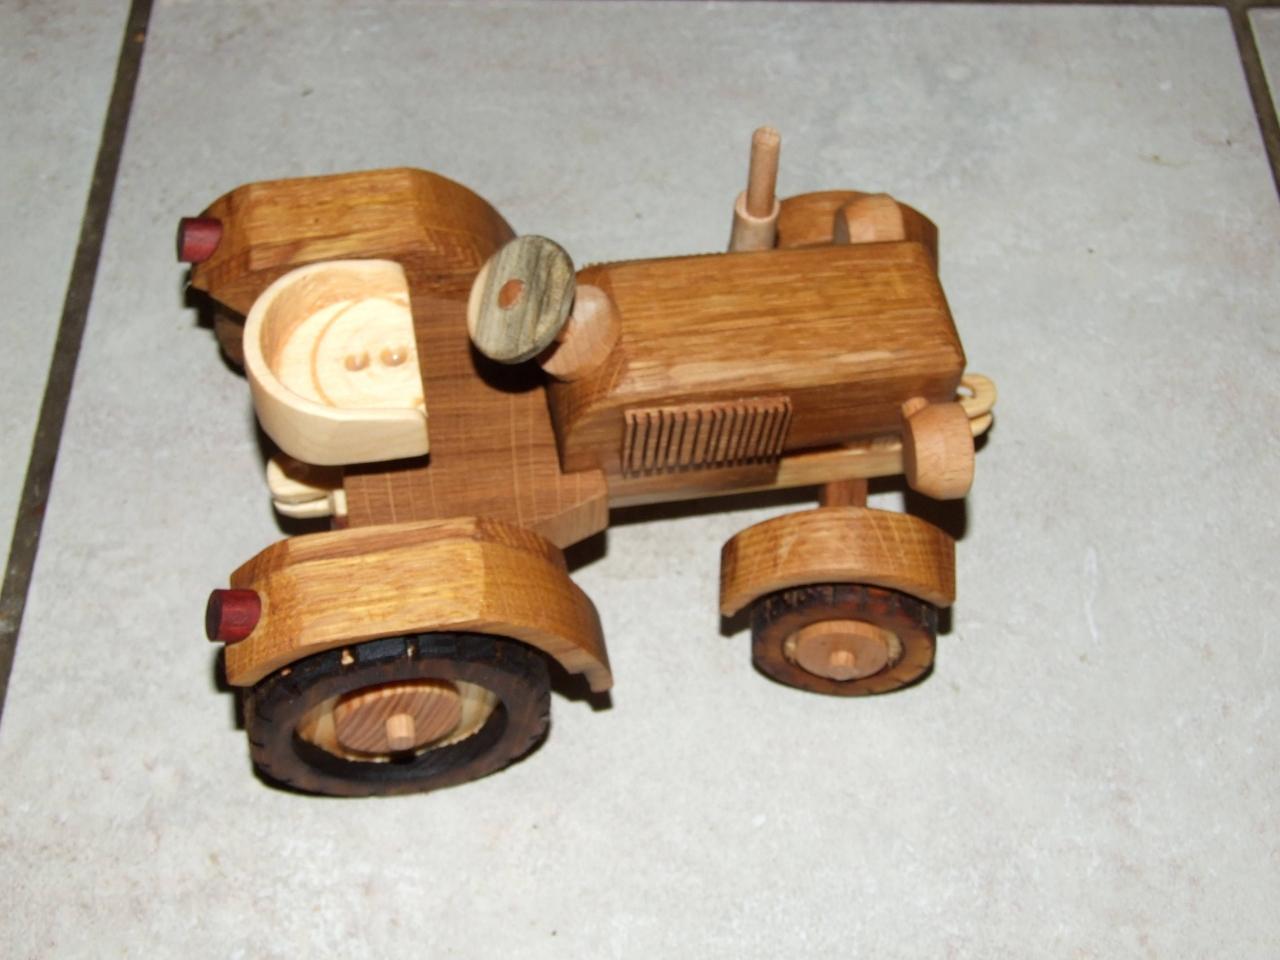 traktor aus holz - bauanleitung zum selberbauen - 1-2-do - deine